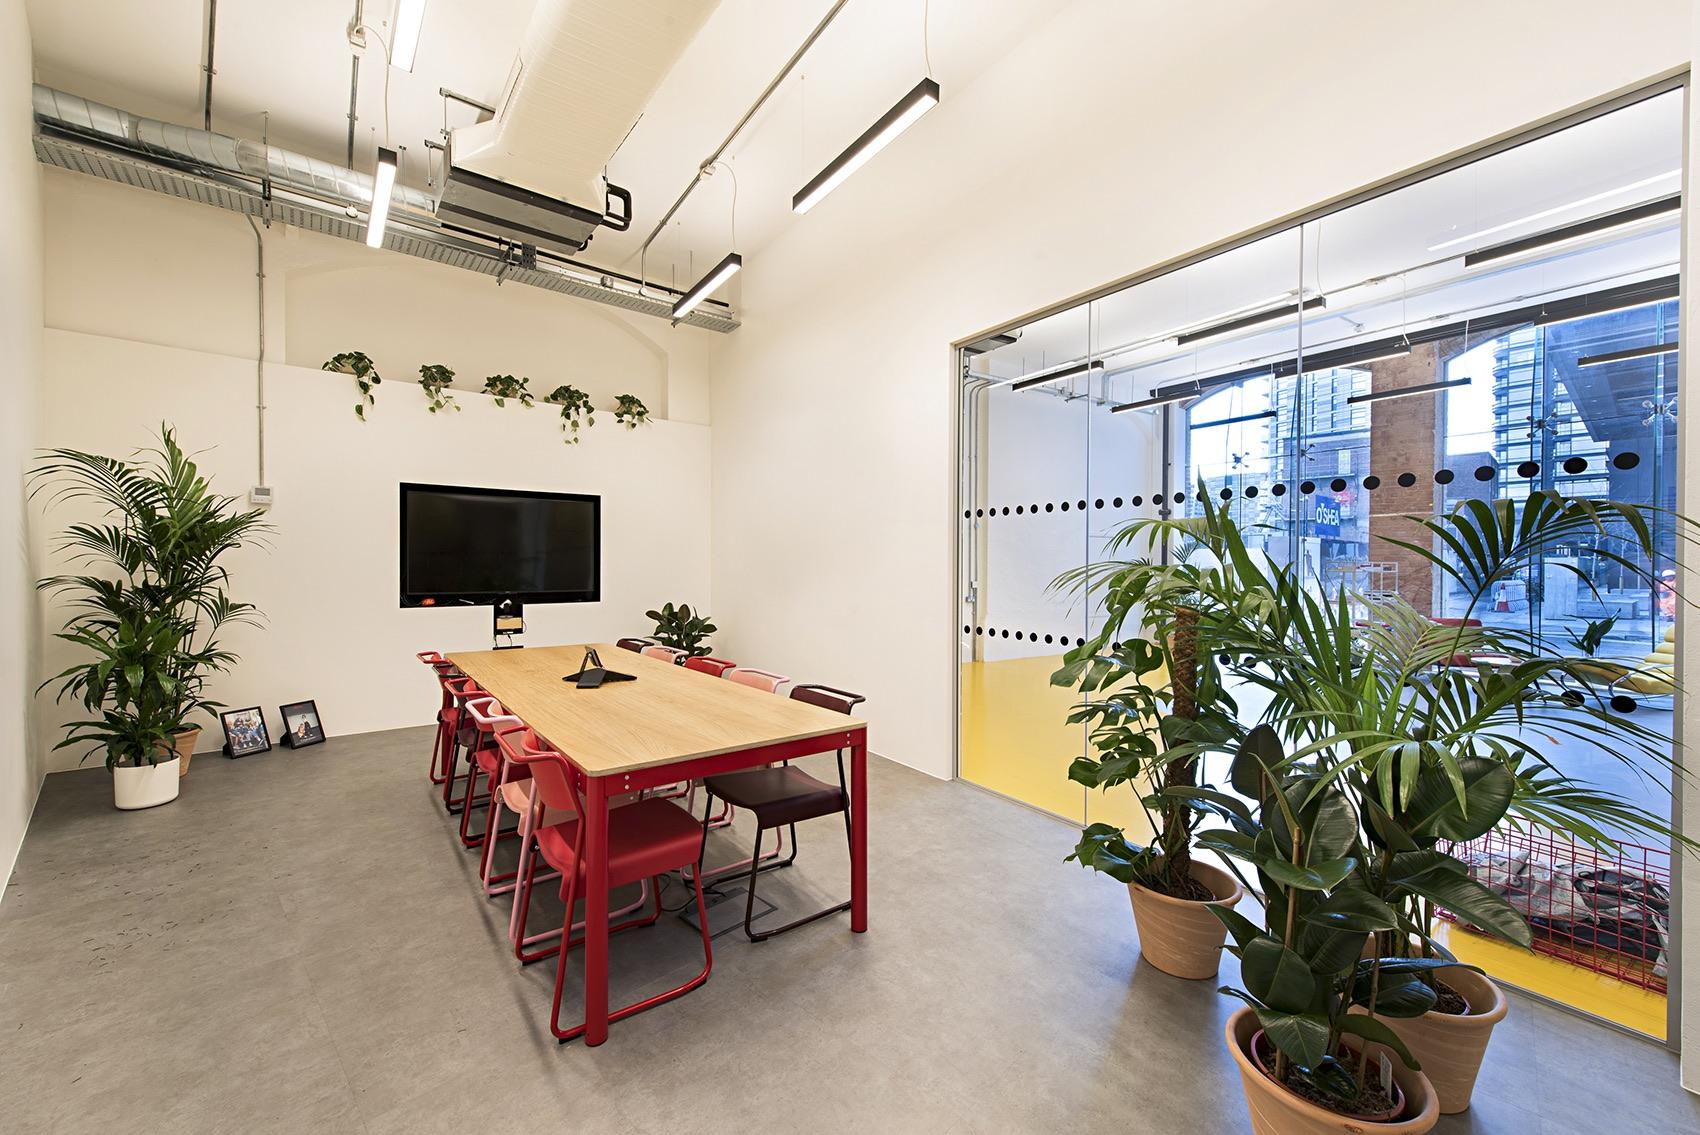 depop-london-office-9